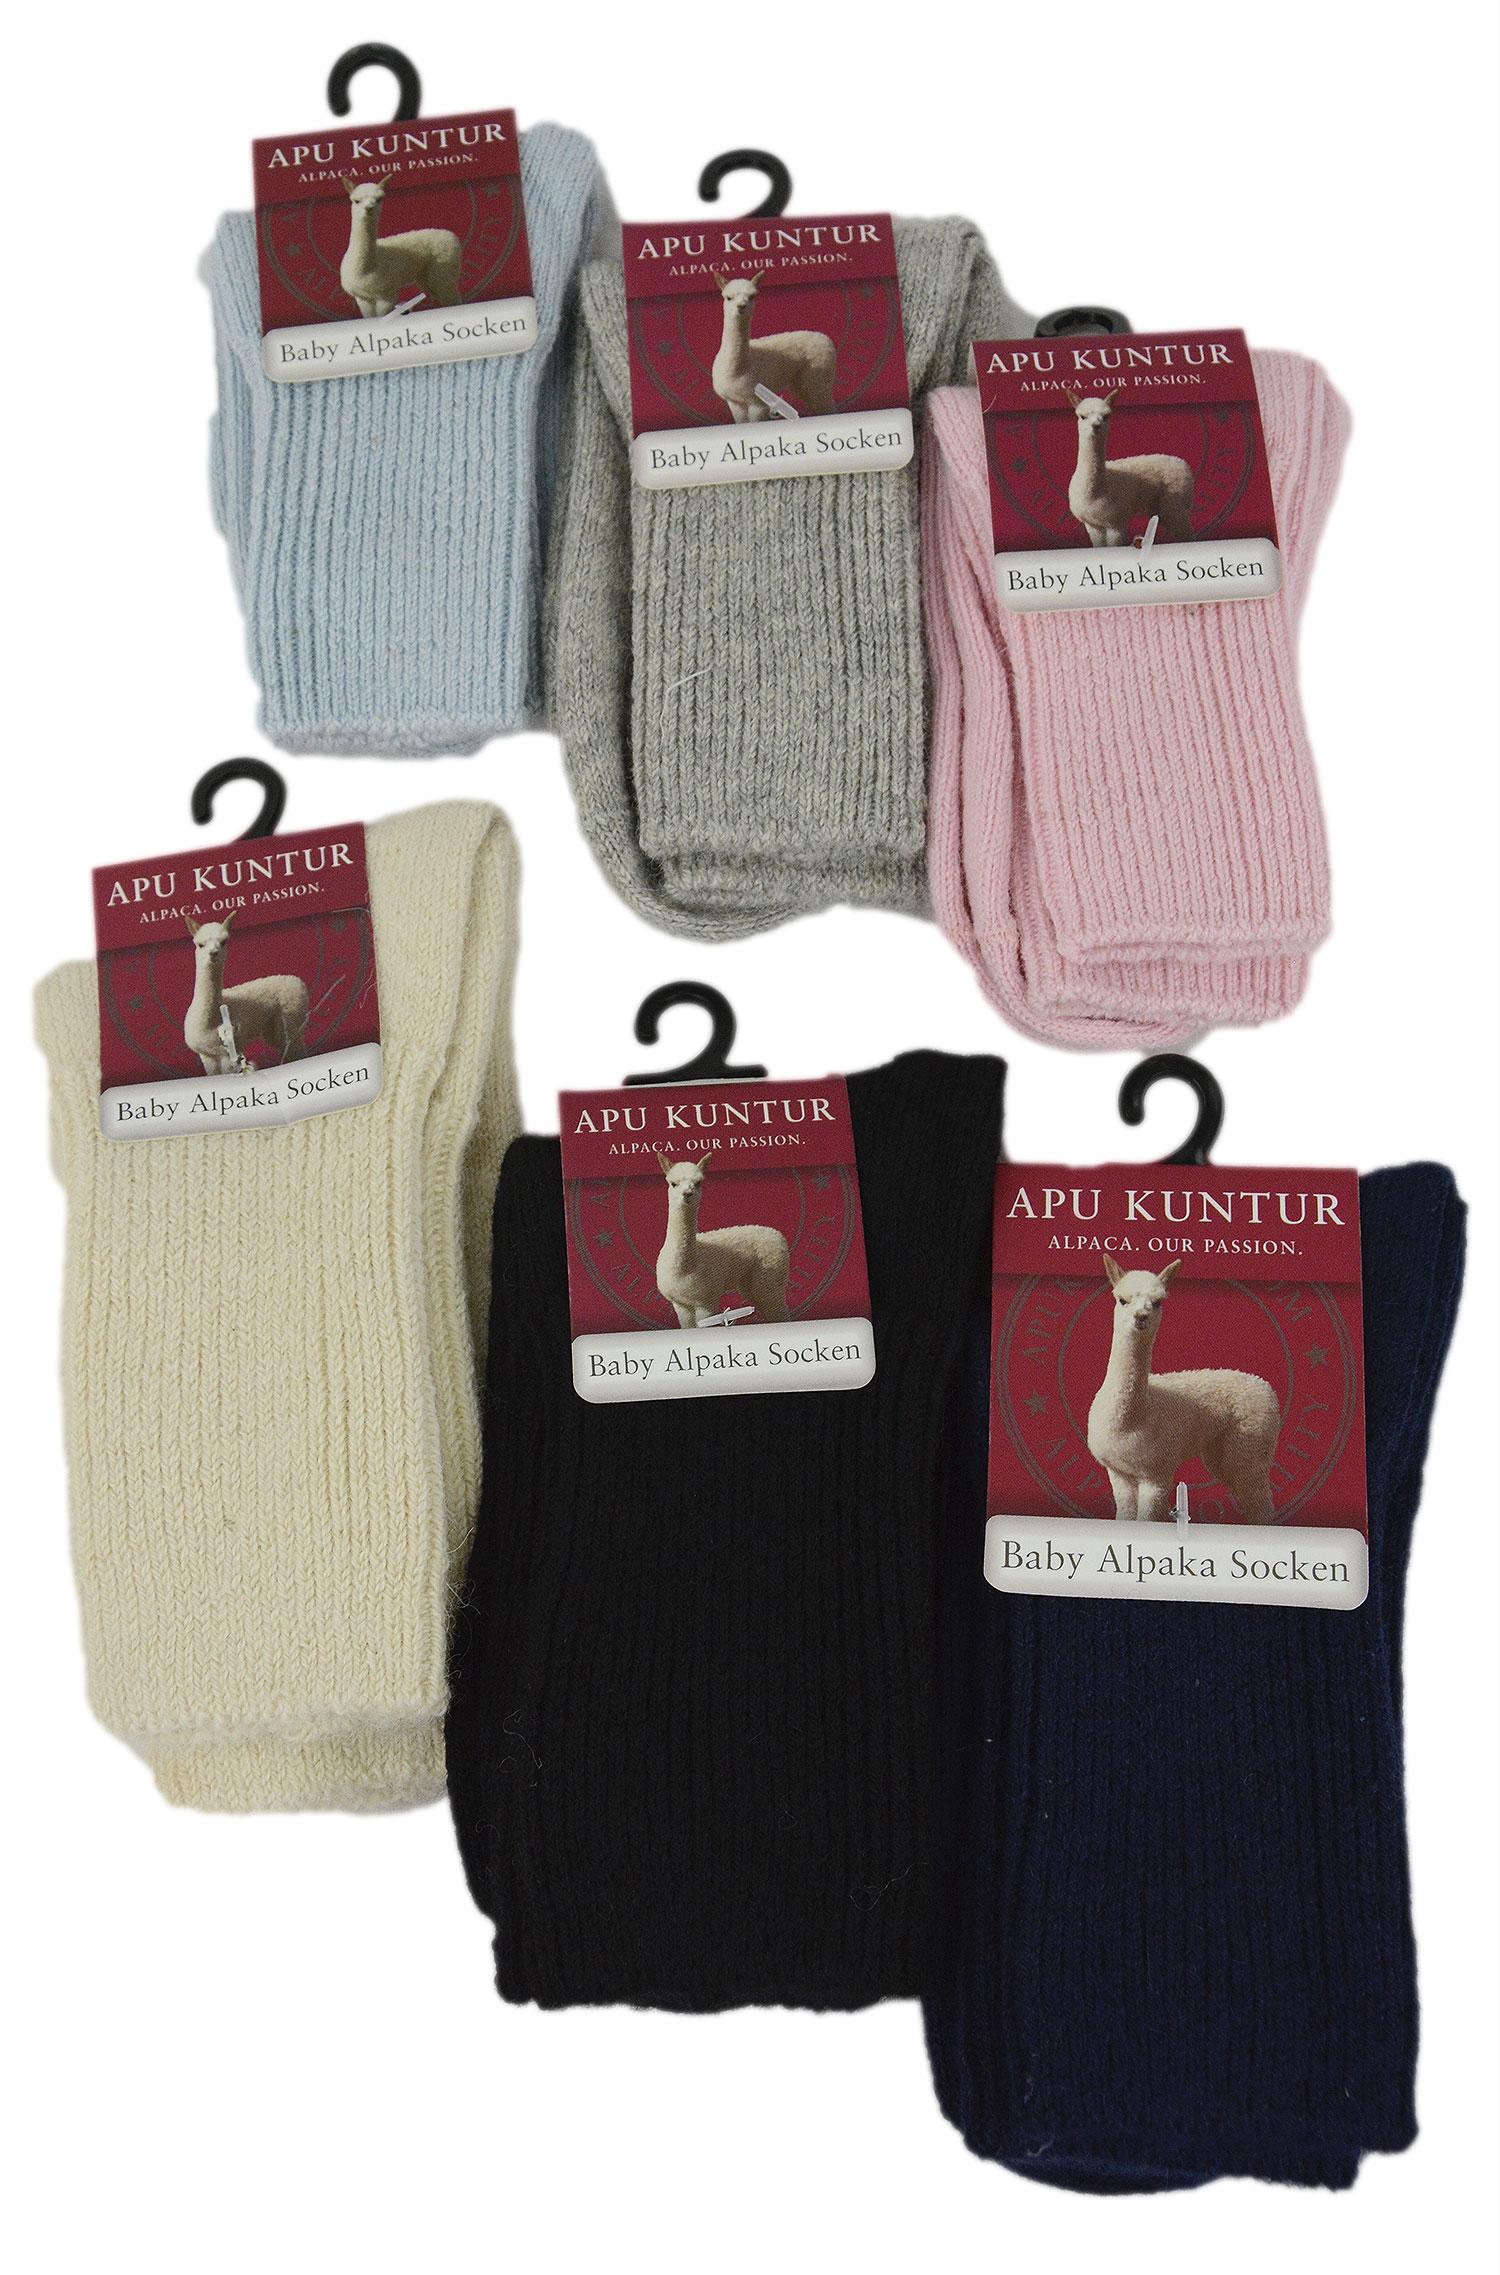 Baby alpaca uldsokker til de små - Lækre sokker i høj kvalitet med det bløde og varme baby alpaka uld i flere farvevarianter. Har det optimale mix af fibre for at sikre formen holdes selv efter mange vaske. Er produceret fair trade og med aloe vera. Størrelser: 15-29 Materiale: 70% baby al